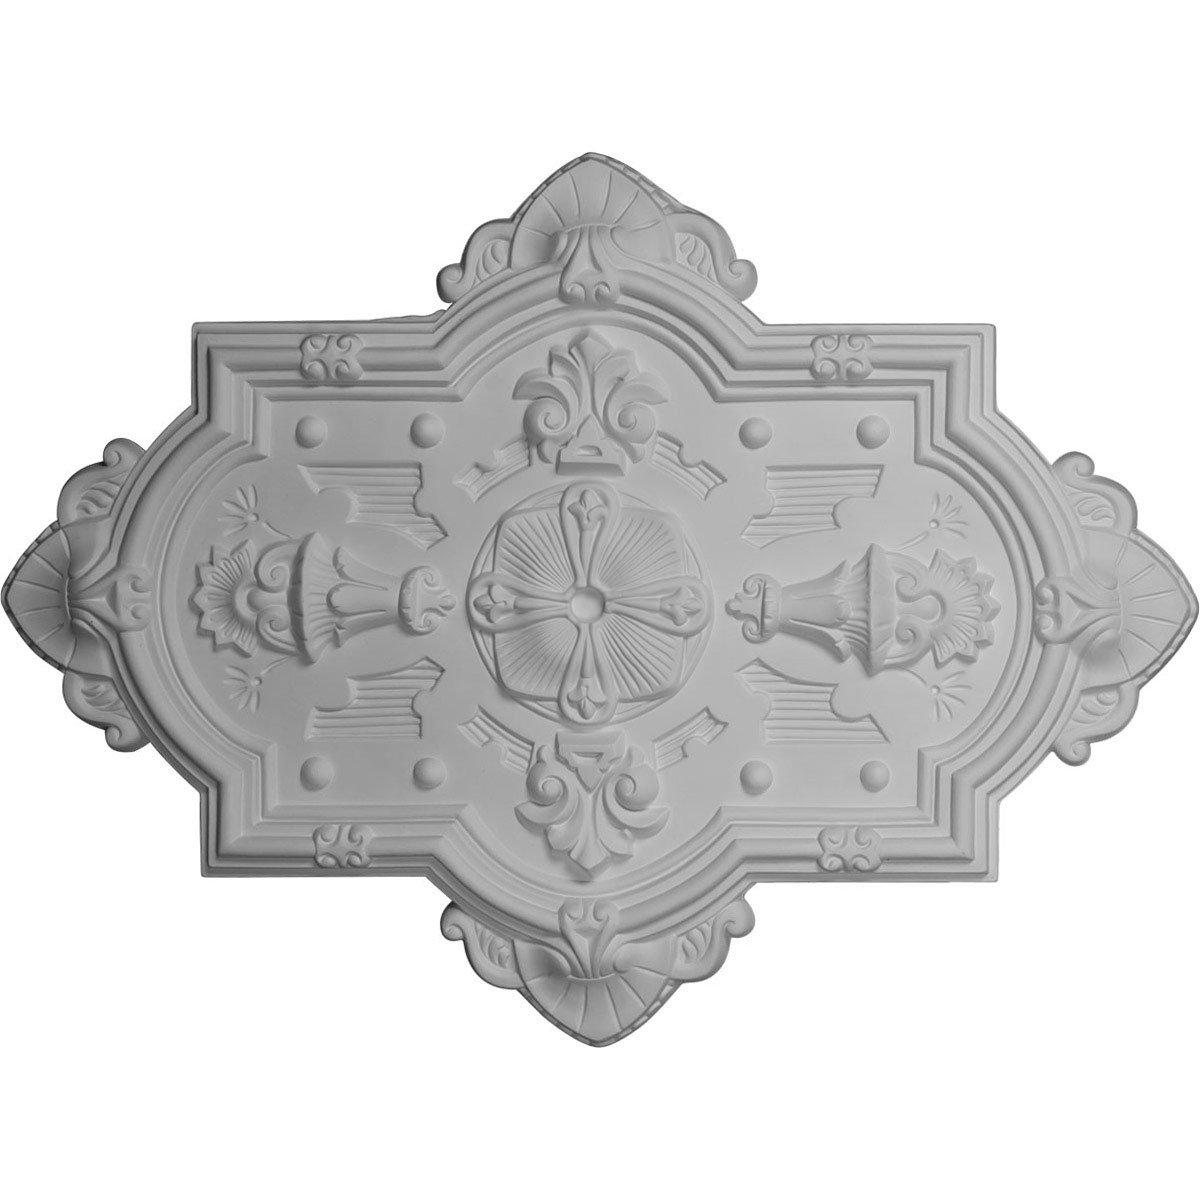 Ekena Millwork CM29X38CA 29 1/8-Inch H x 38 1/8-Inch W x 1 3/4-Inch P Cathedral Ceiling Medallion by Ekena Millwork